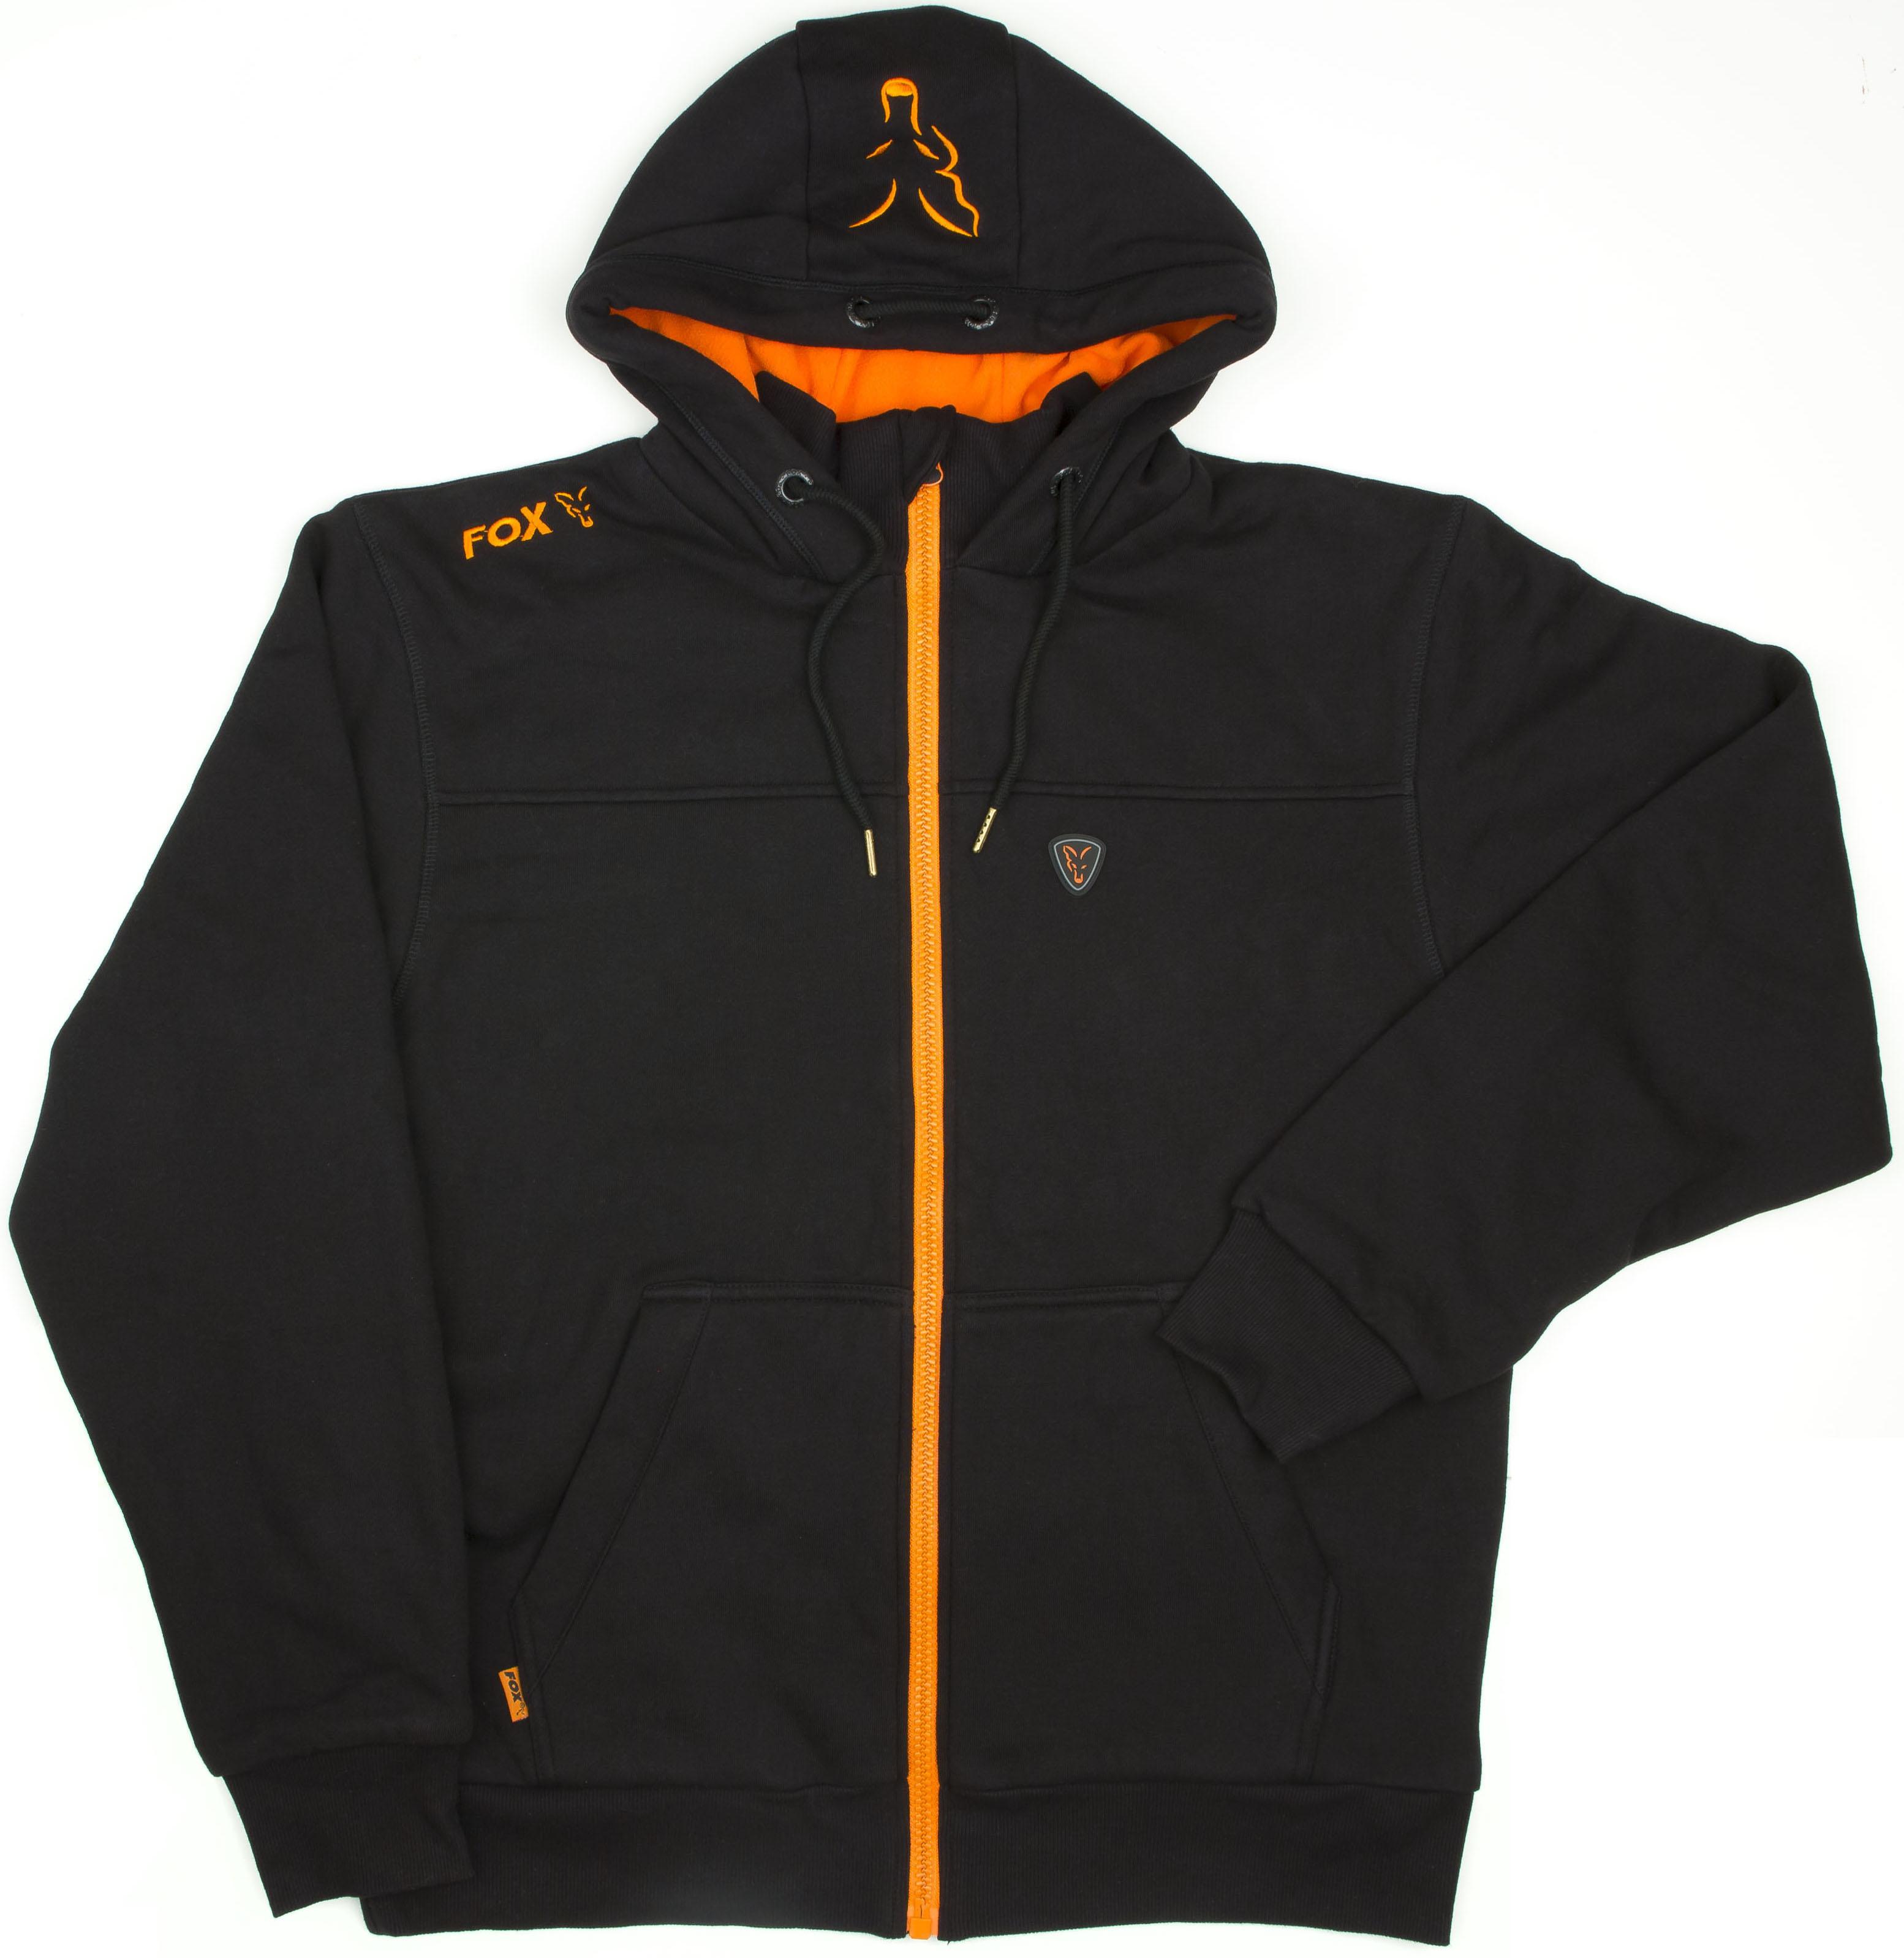 Orange fox hoodie